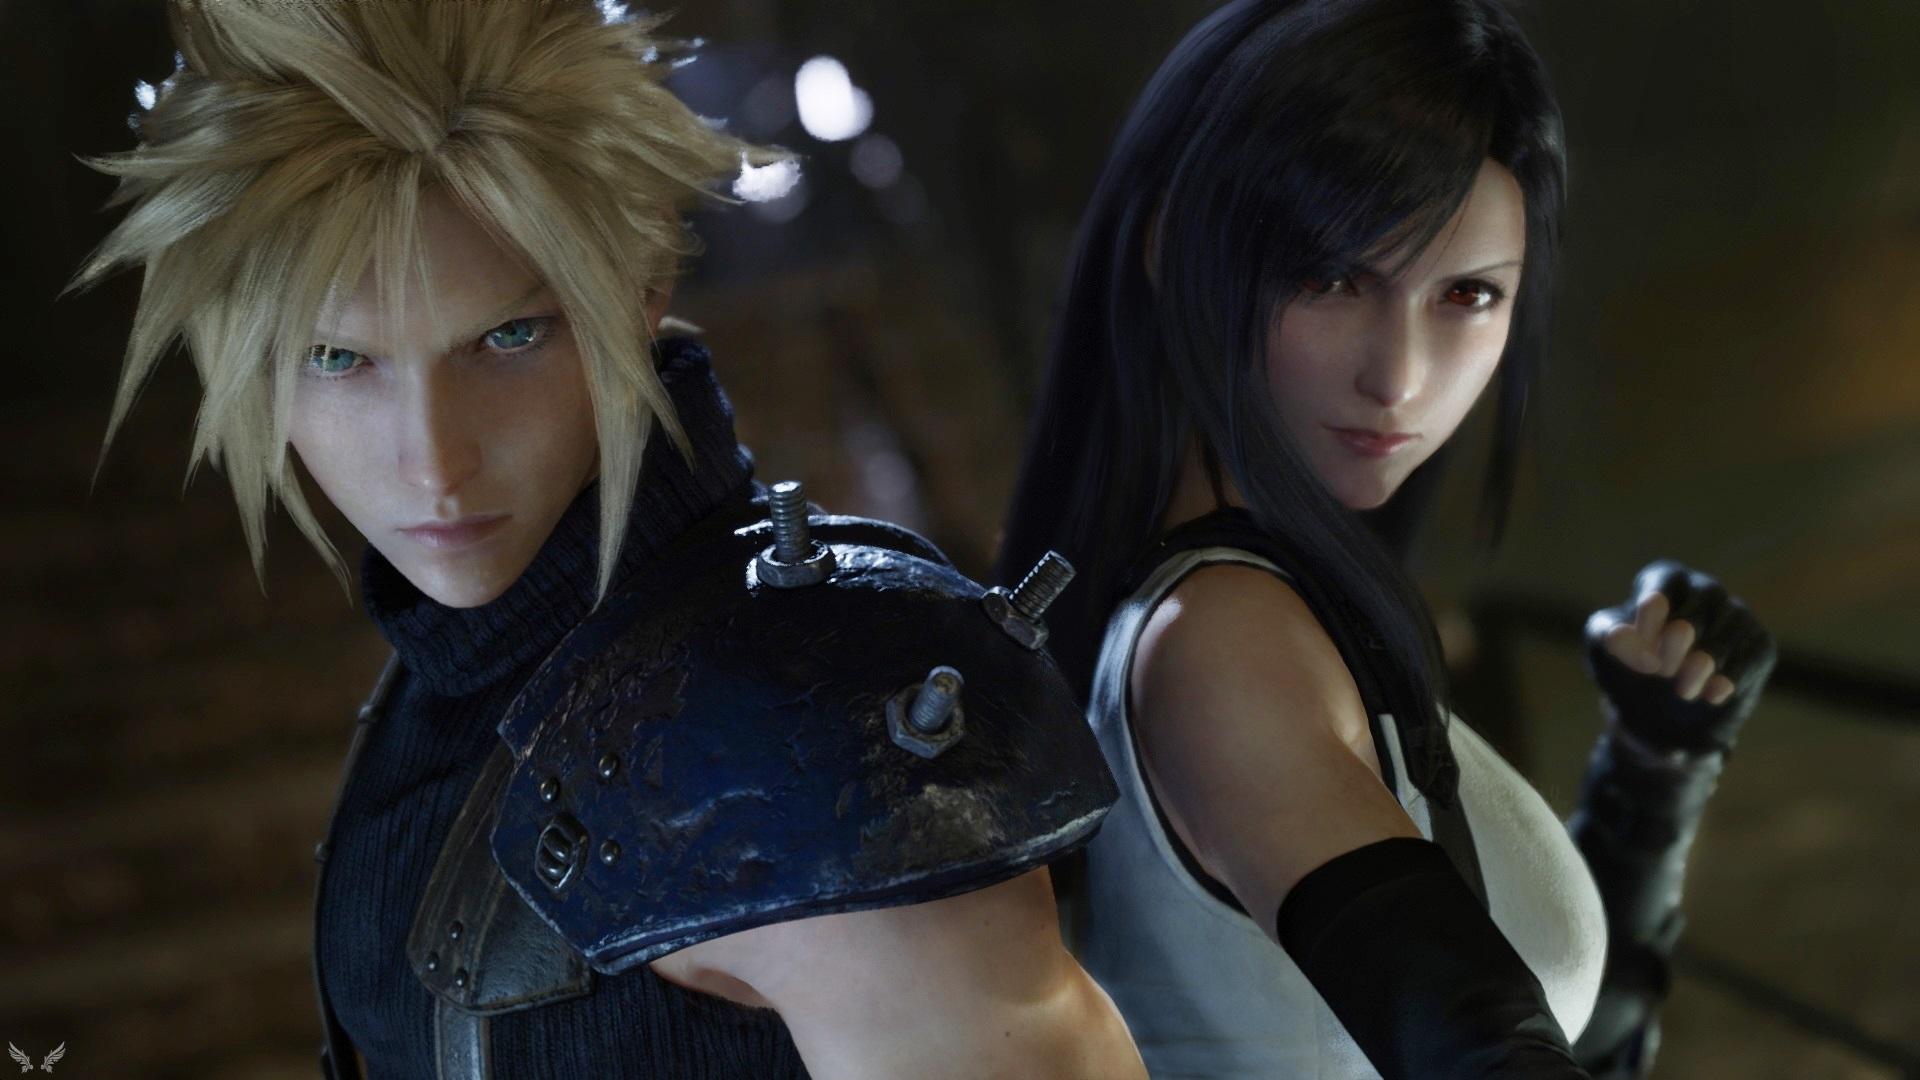 Final Fantasy VII Remake sarà ambientato a Midgar e diviso in due Blu-Ray! Analisi del nuovo trailer, Tifa, e le edizioni speciali Deluxe e 1st Class!